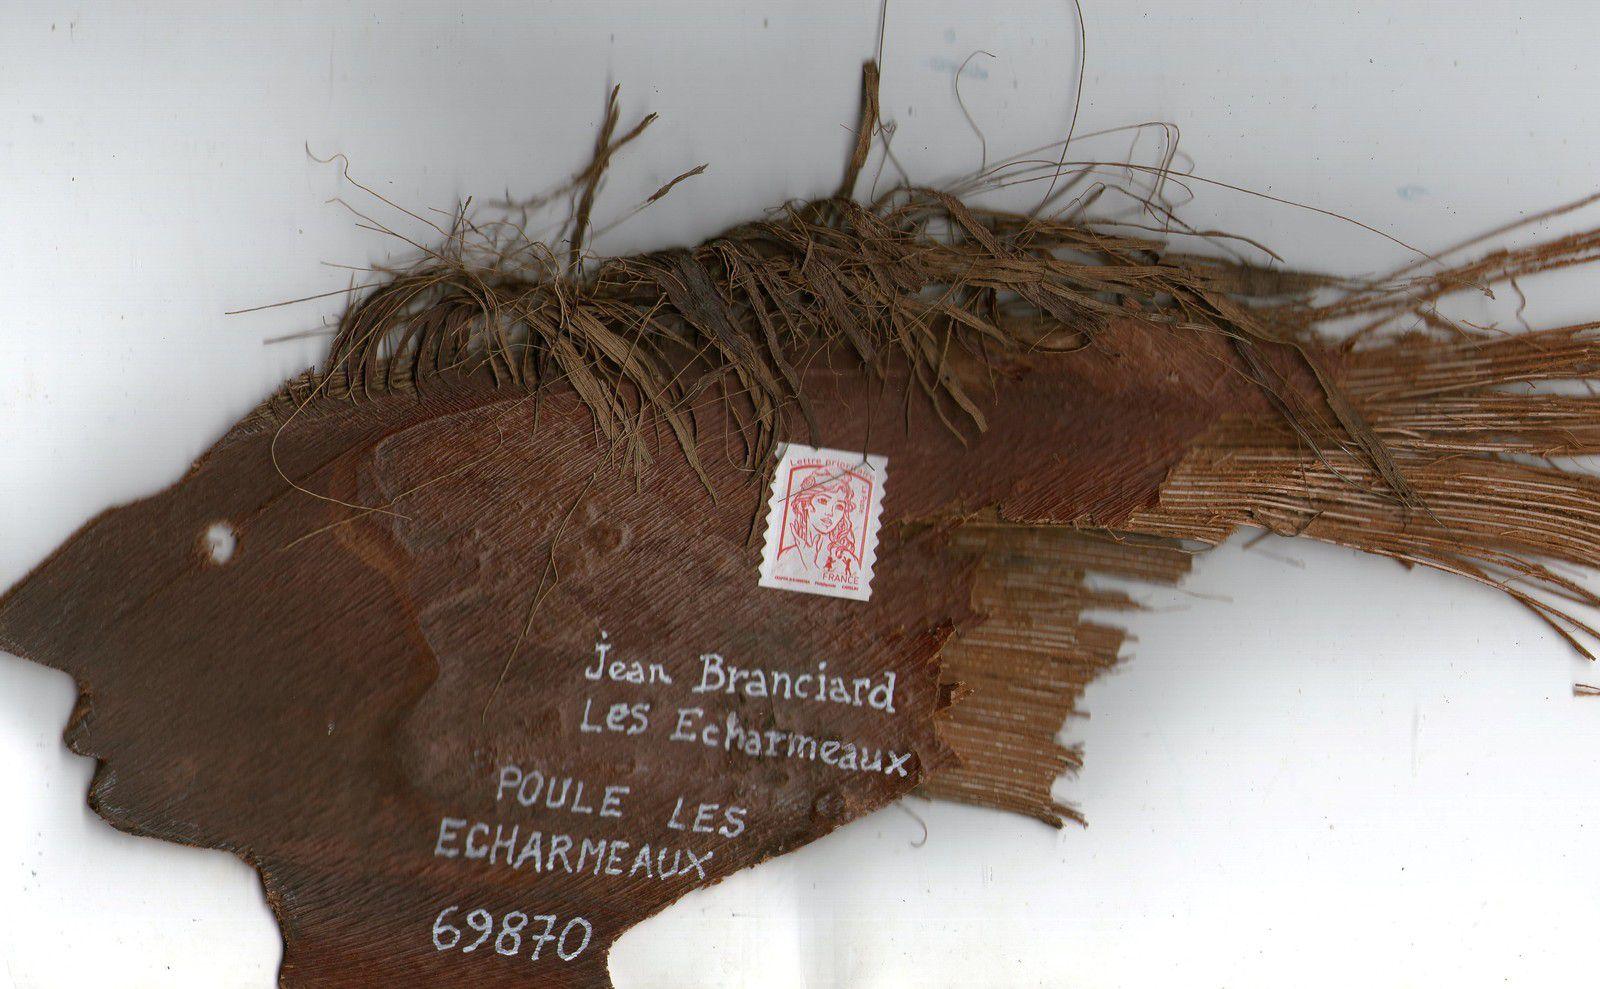 mon envoi à Jean Branciard